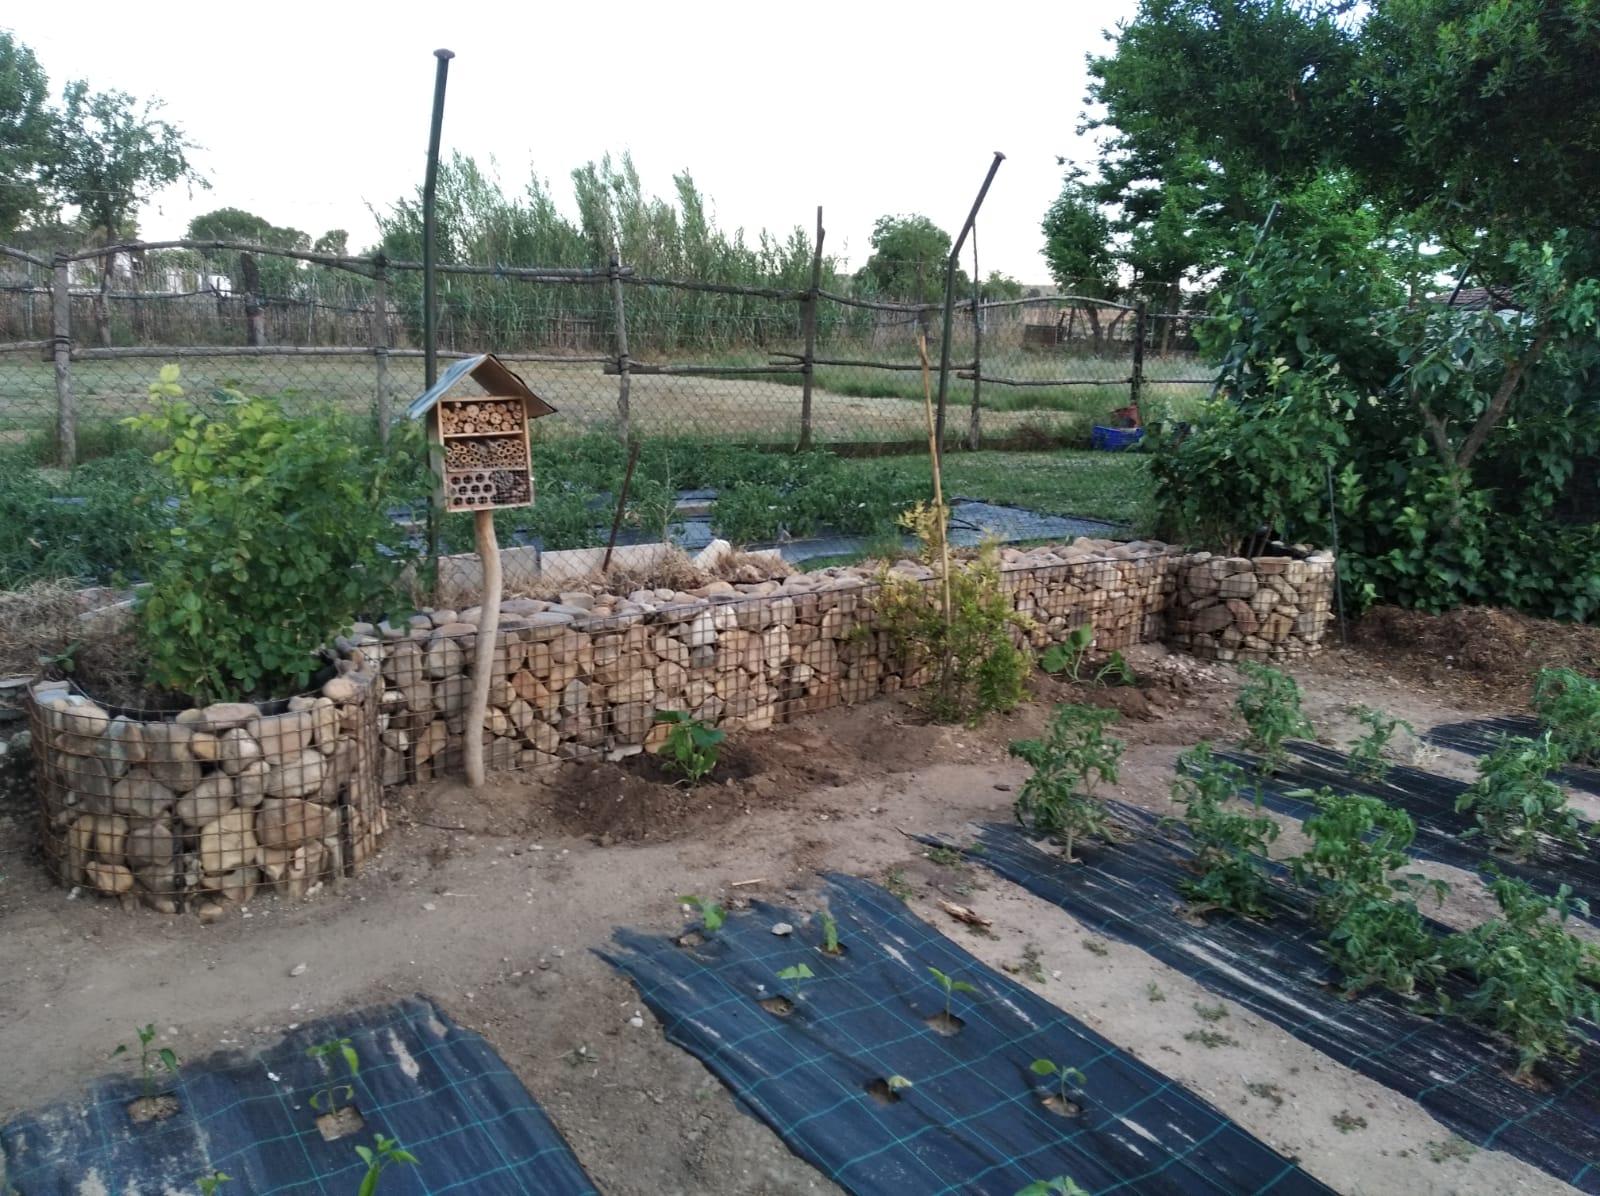 Rehabilitación de un muro con jaula de malla rellena